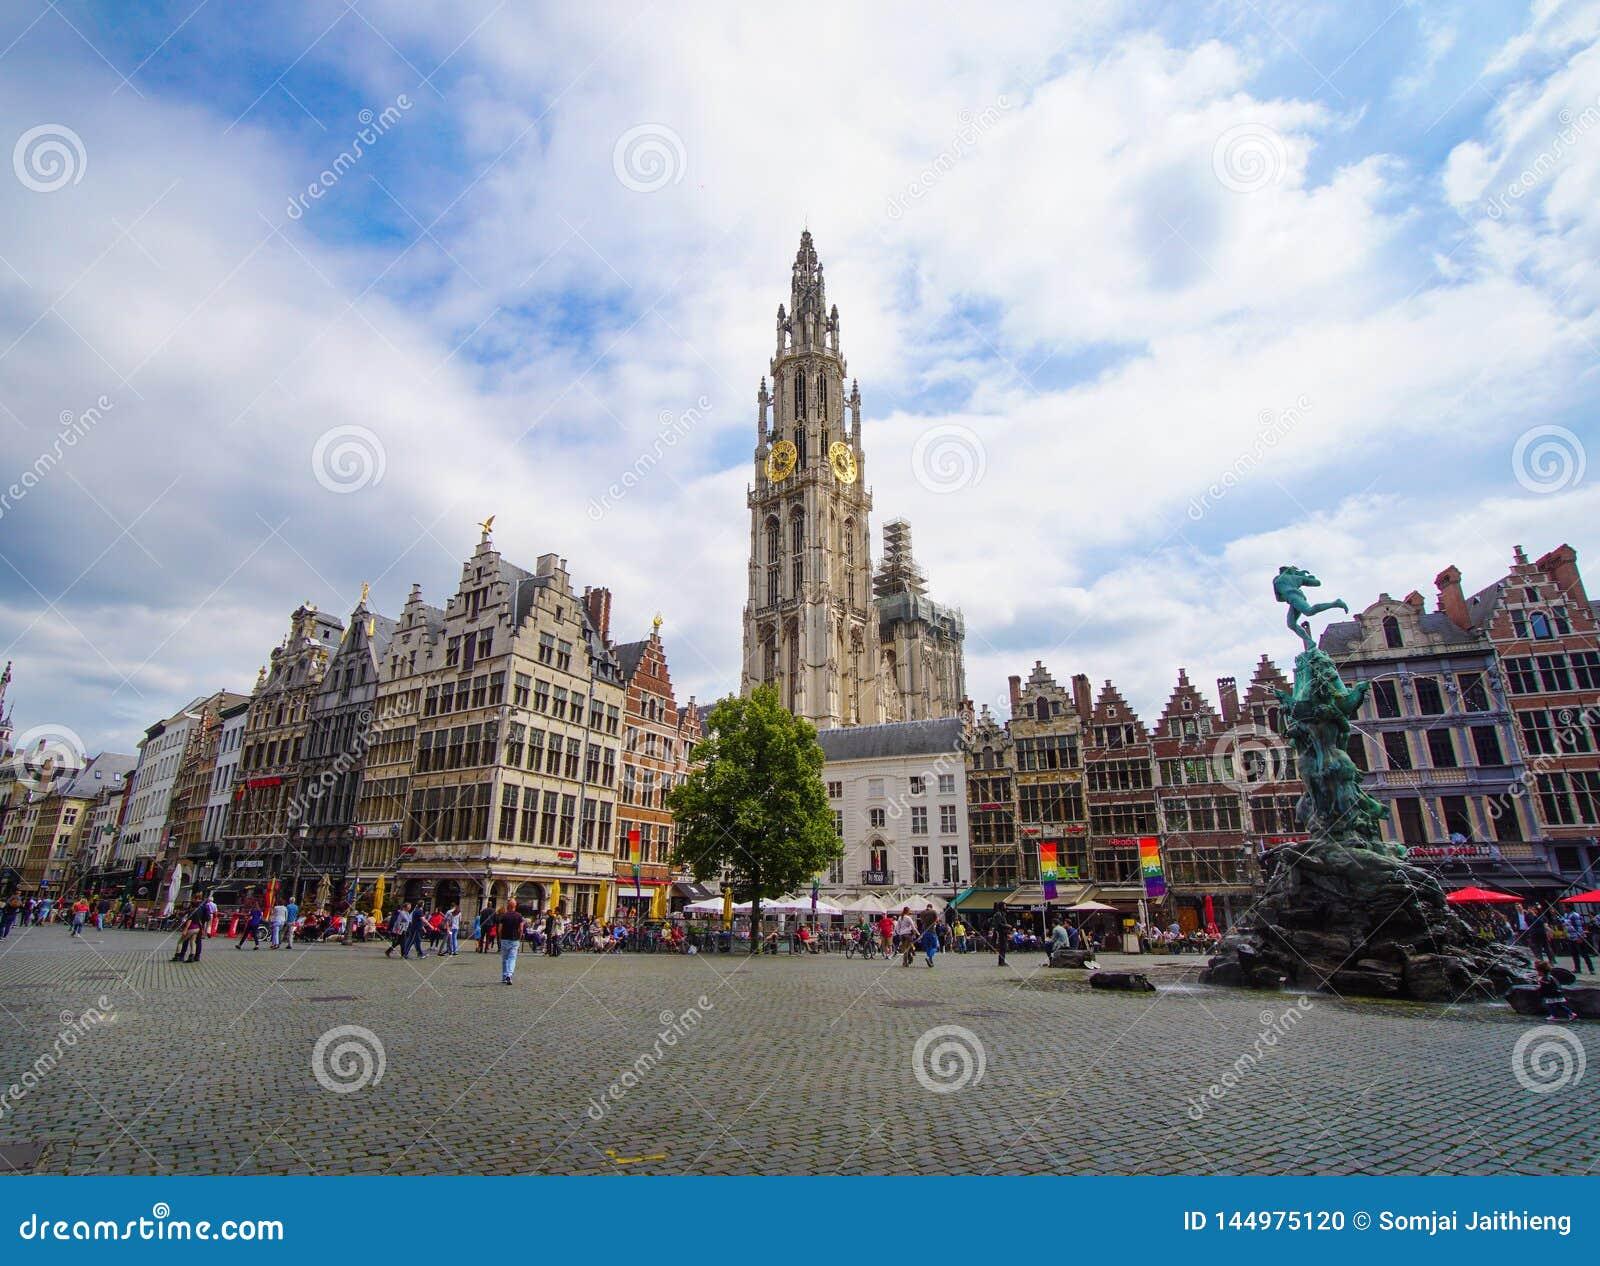 Calle de Meir, torre sola de la catedral de nuestra señora, fuente con la estatua de Brabo en el cuadrado de Grote Markt con la